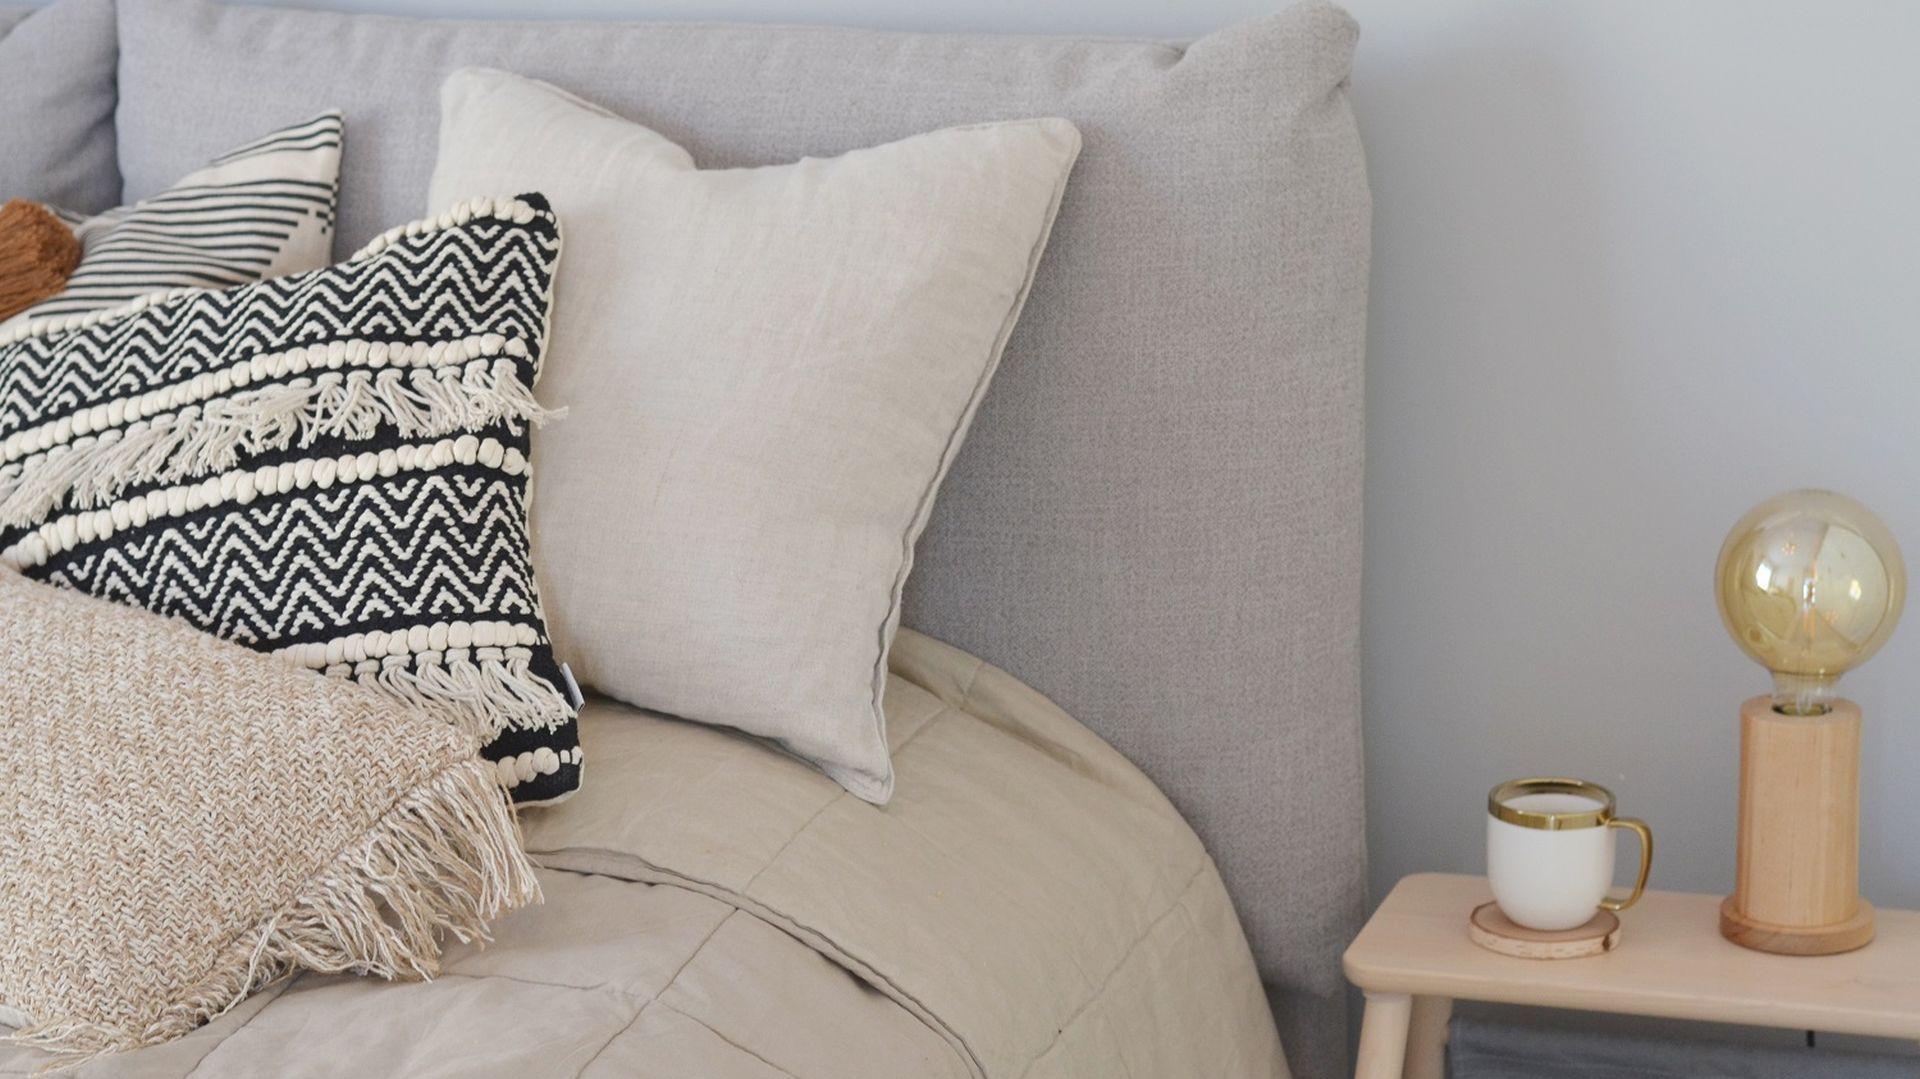 Dodatki w sypialni pełnią szczególną funkcję – pozwalają nam stworzyć nie tylko estetyczne miejsce, ale również naszą prywatną i intymną przestrzeń. Fot. Comforteo